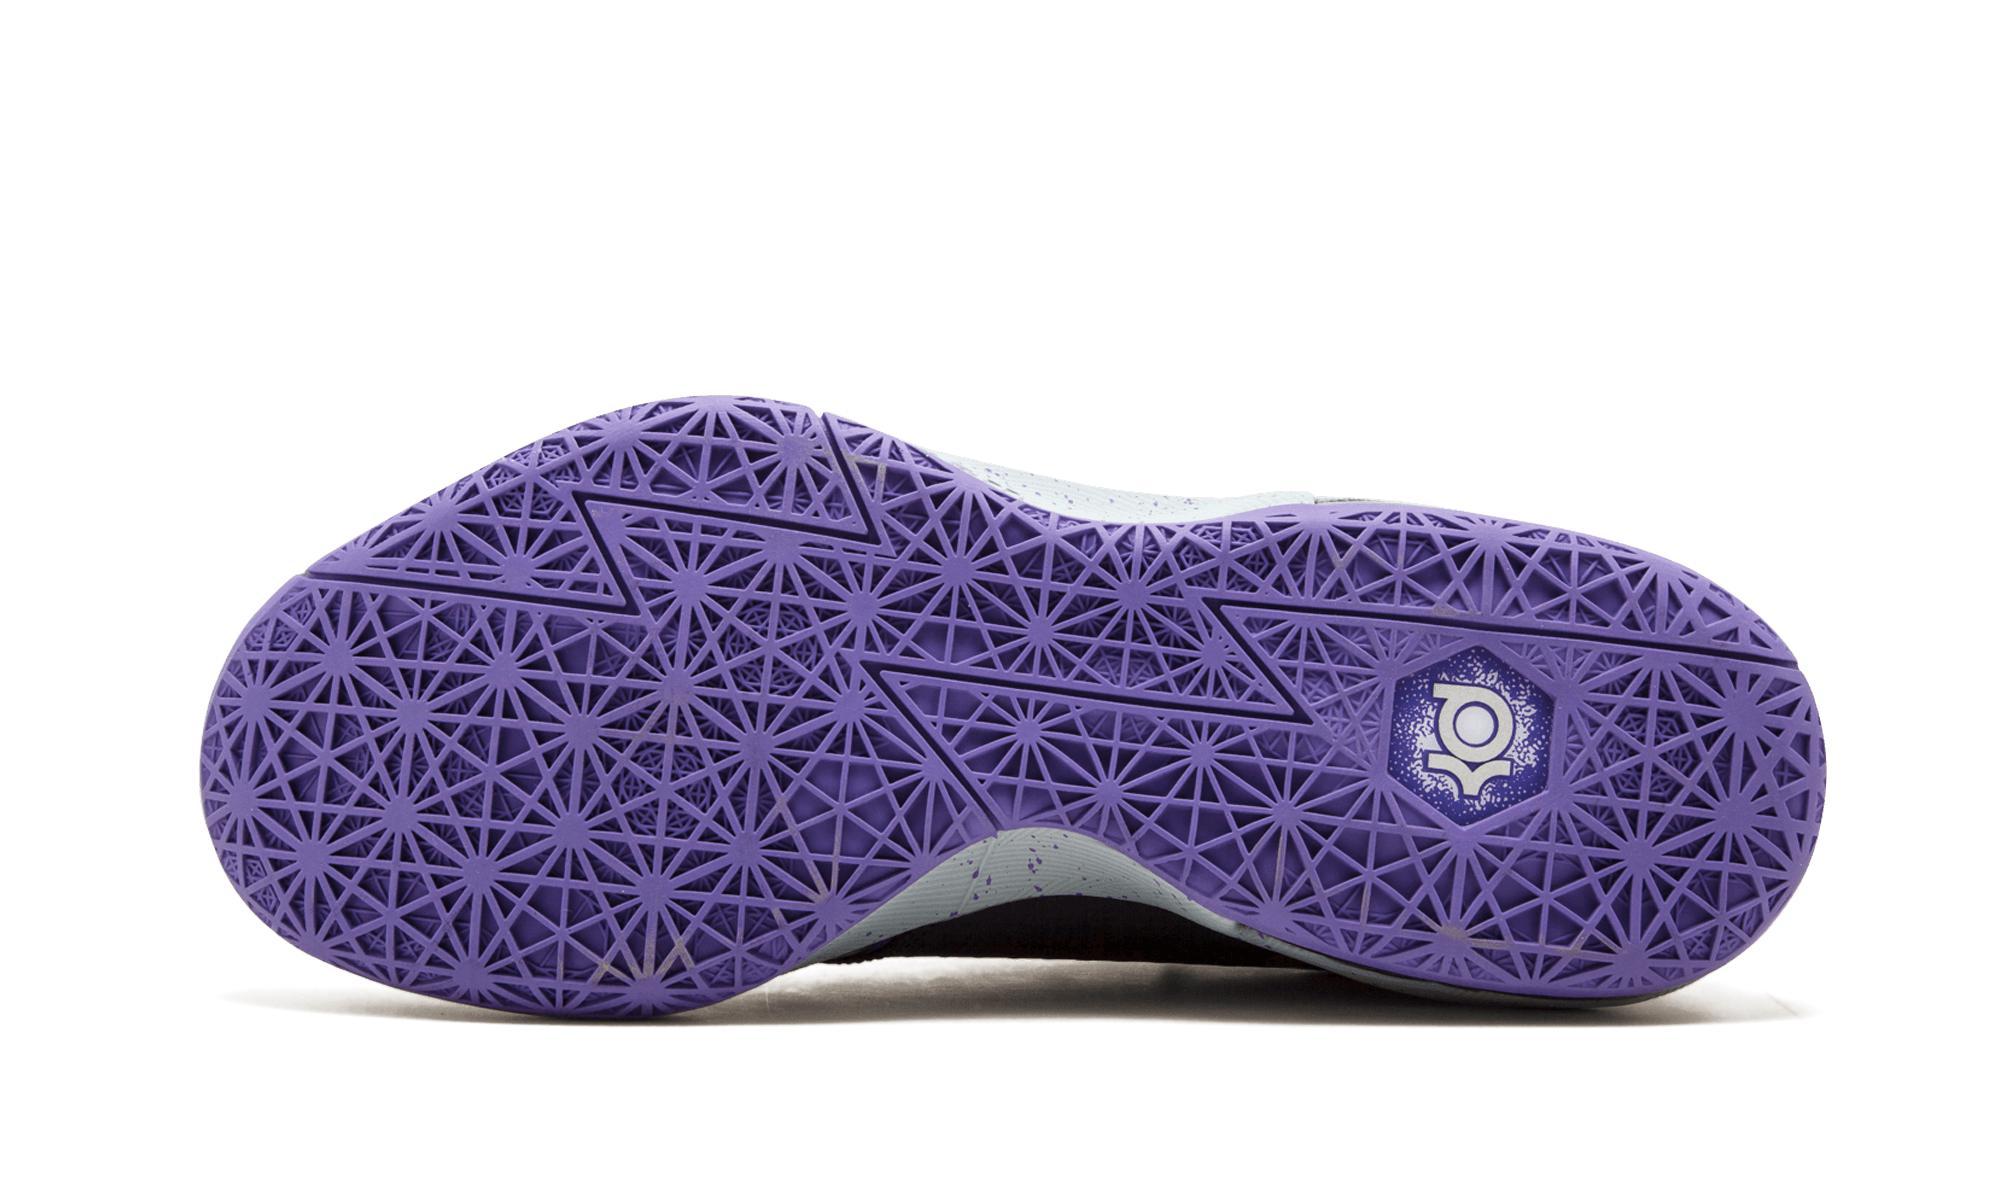 eba471f9d731 Lyst - Nike Kd 6 - Bhm in Purple for Men